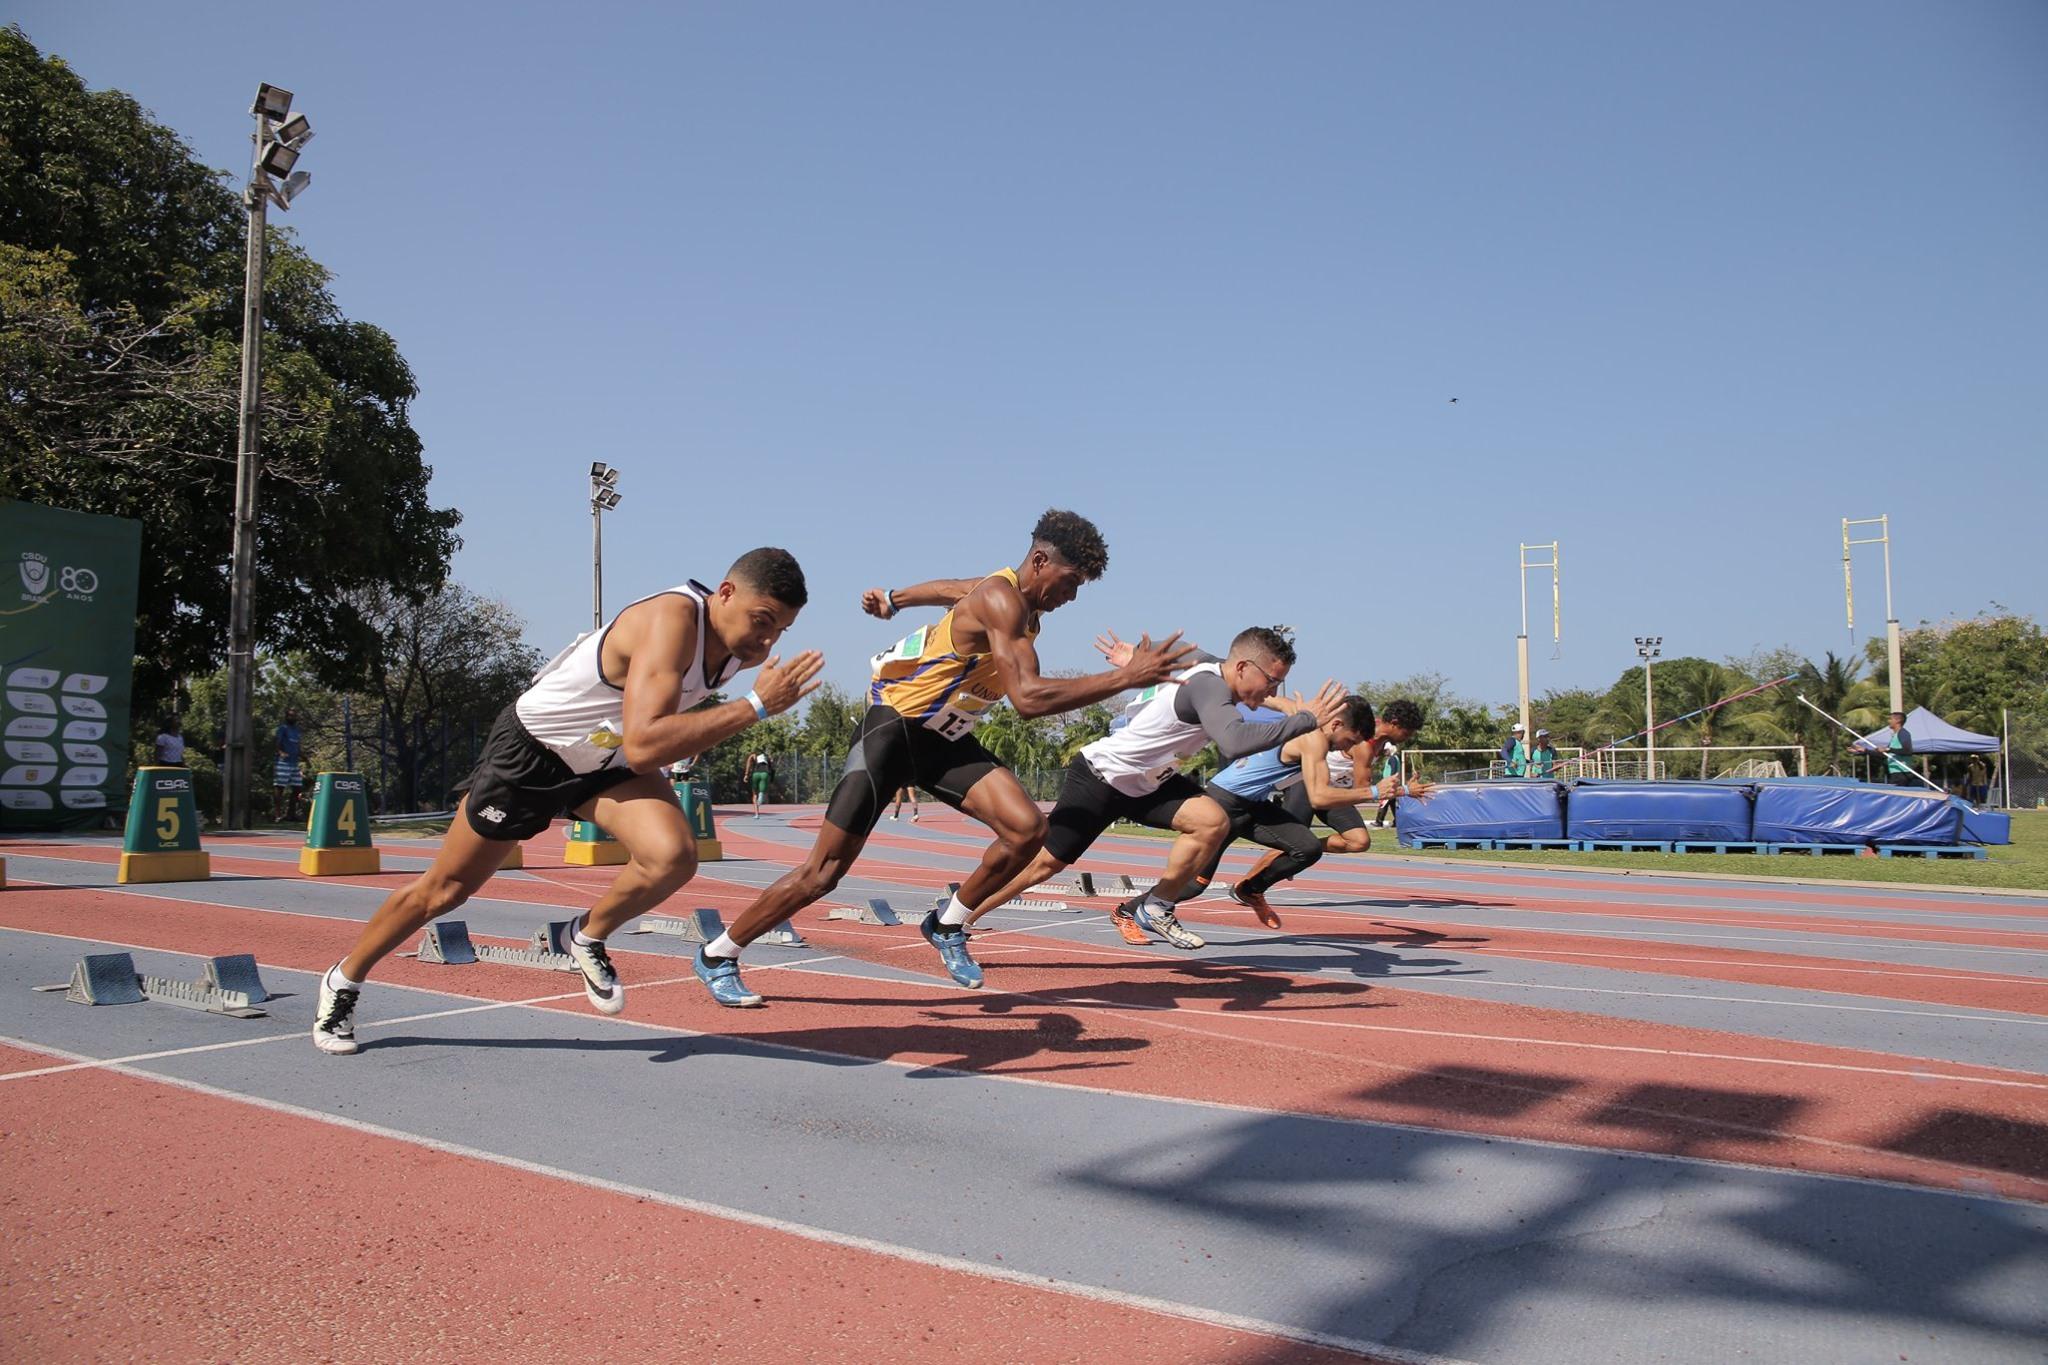 Em dois dias, atletas quebram nove recordes no JUBs Atletismo em Fortaleza